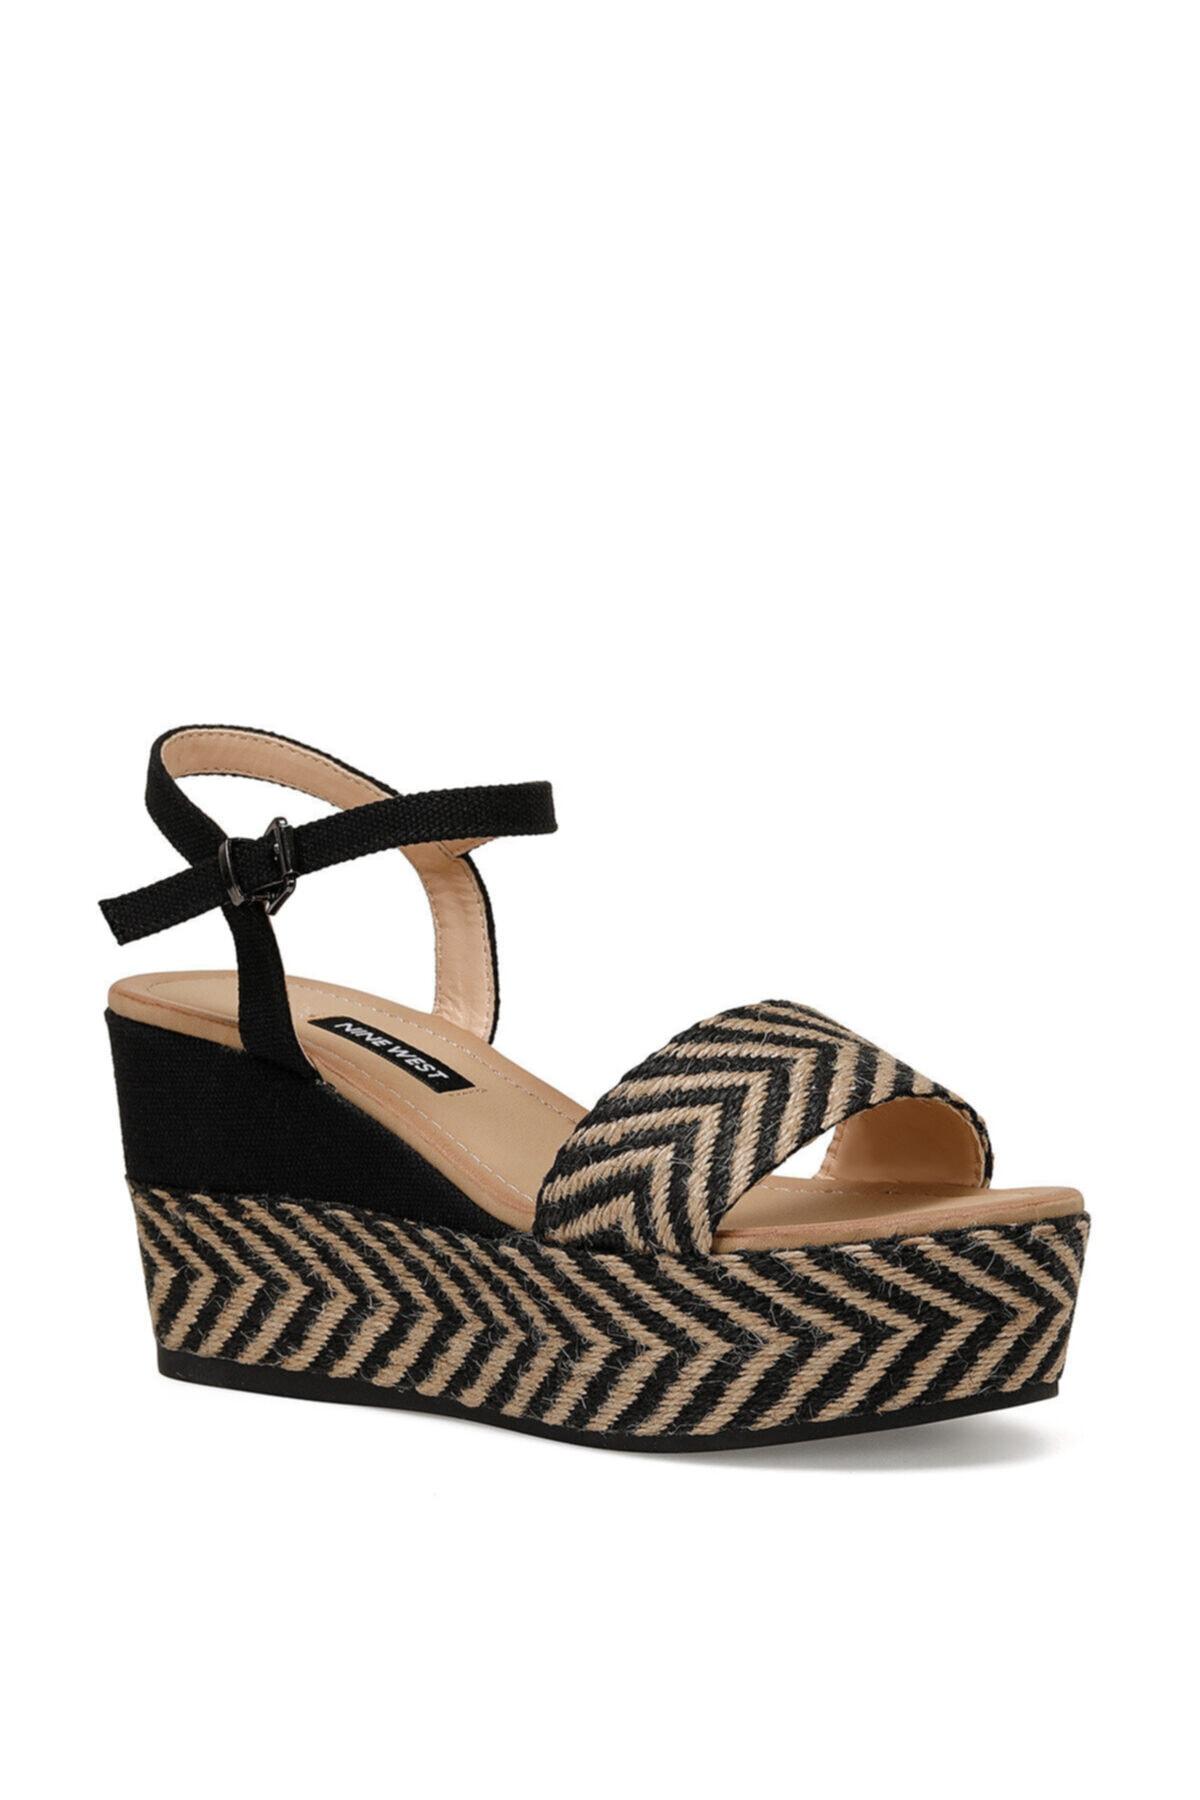 Nine West NORMA Siyah Kadın Dolgu Topuklu Sandalet 100524807 2